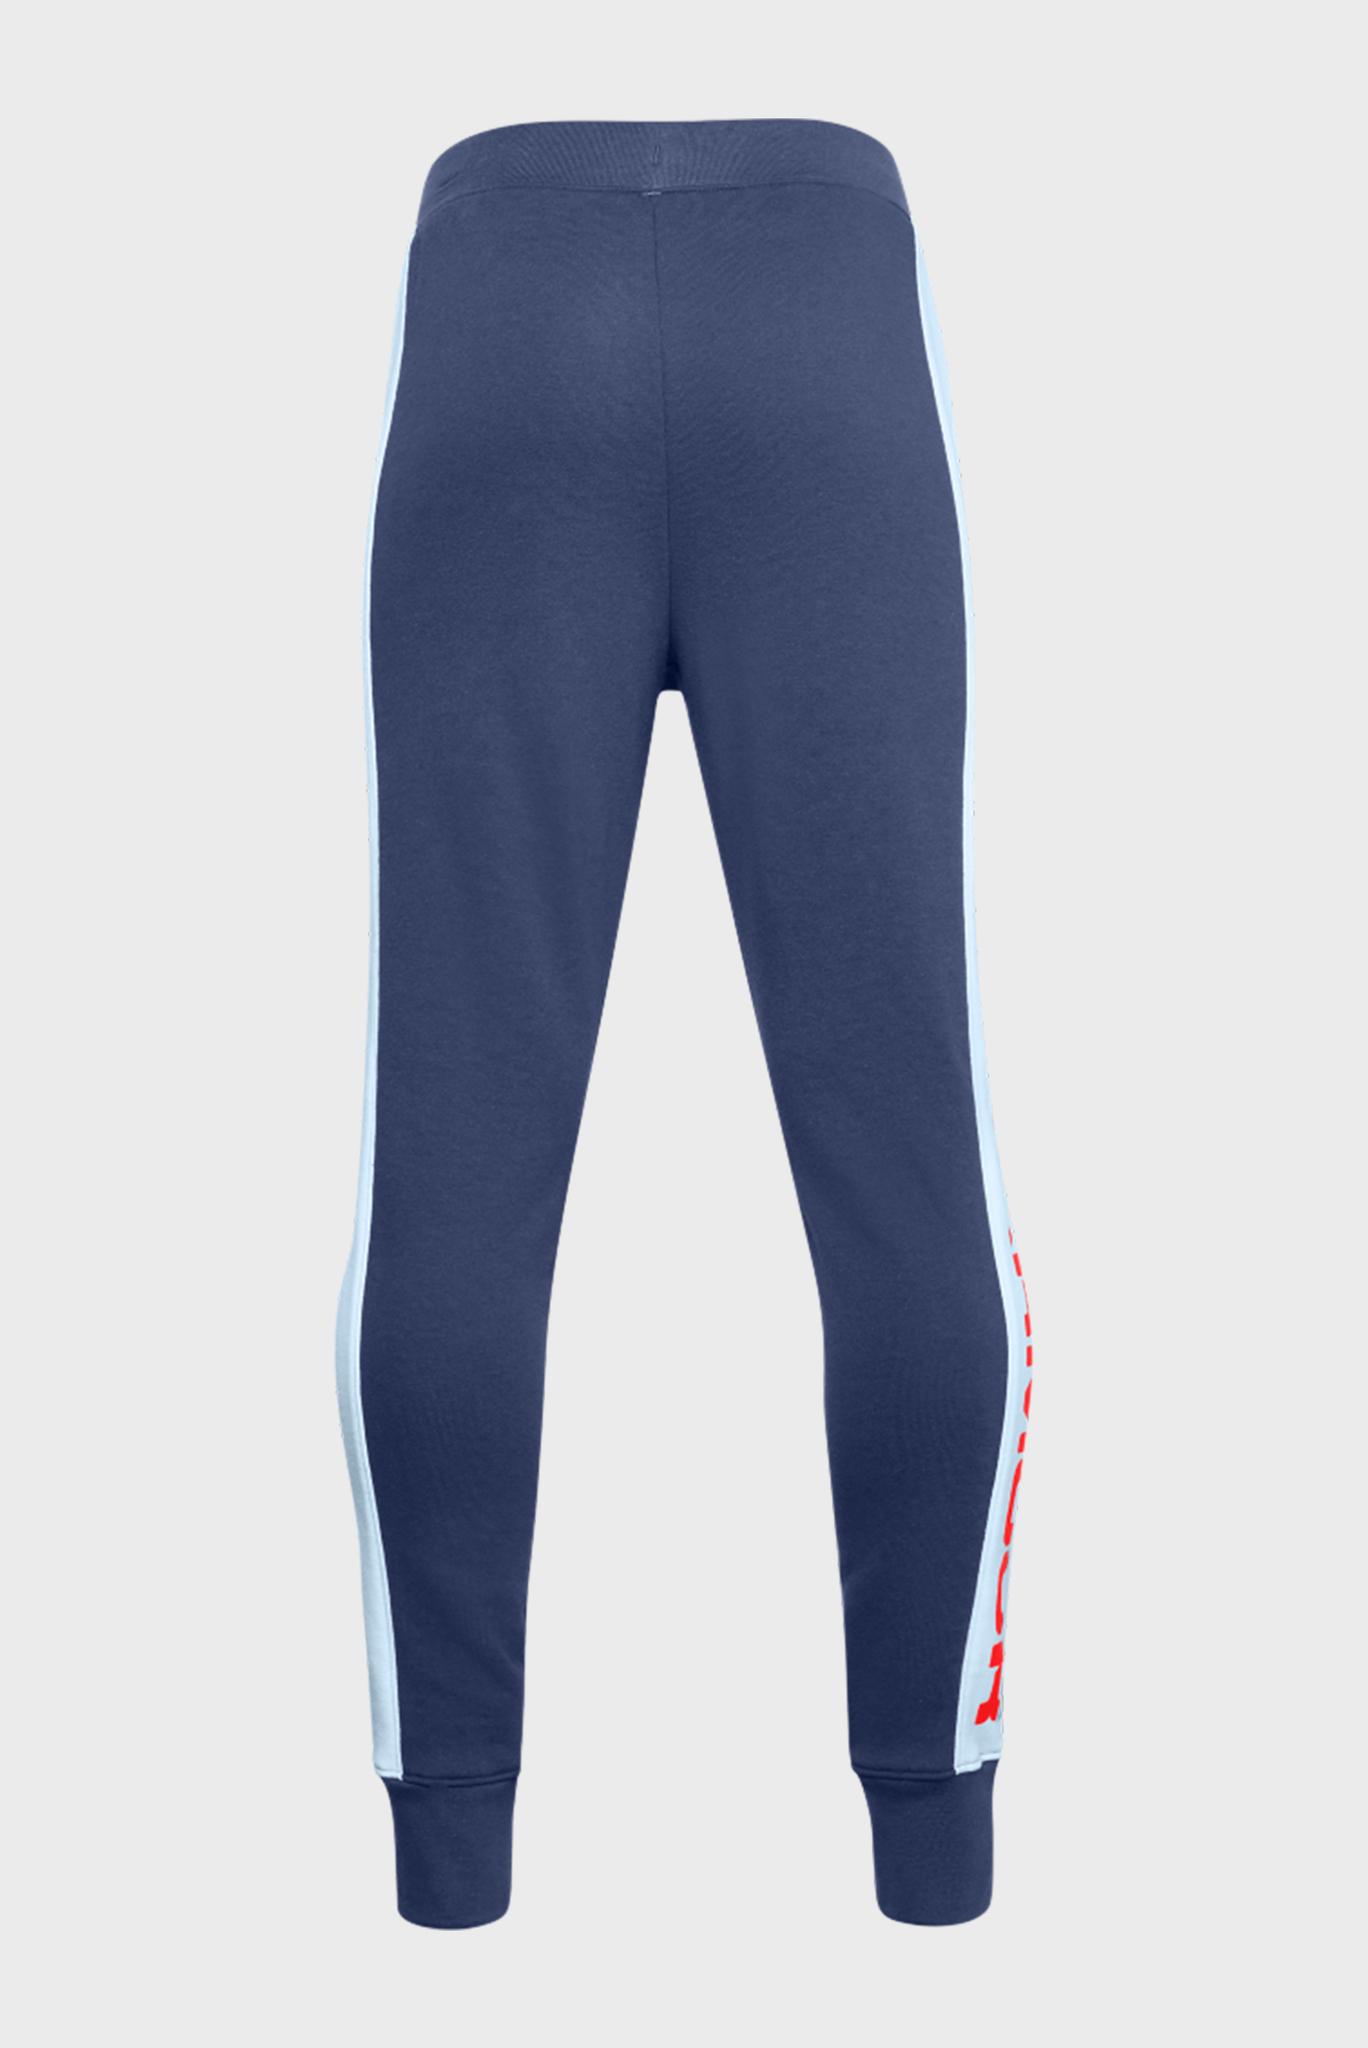 Детские синие спортивные брюки Rival Terry Under Armour